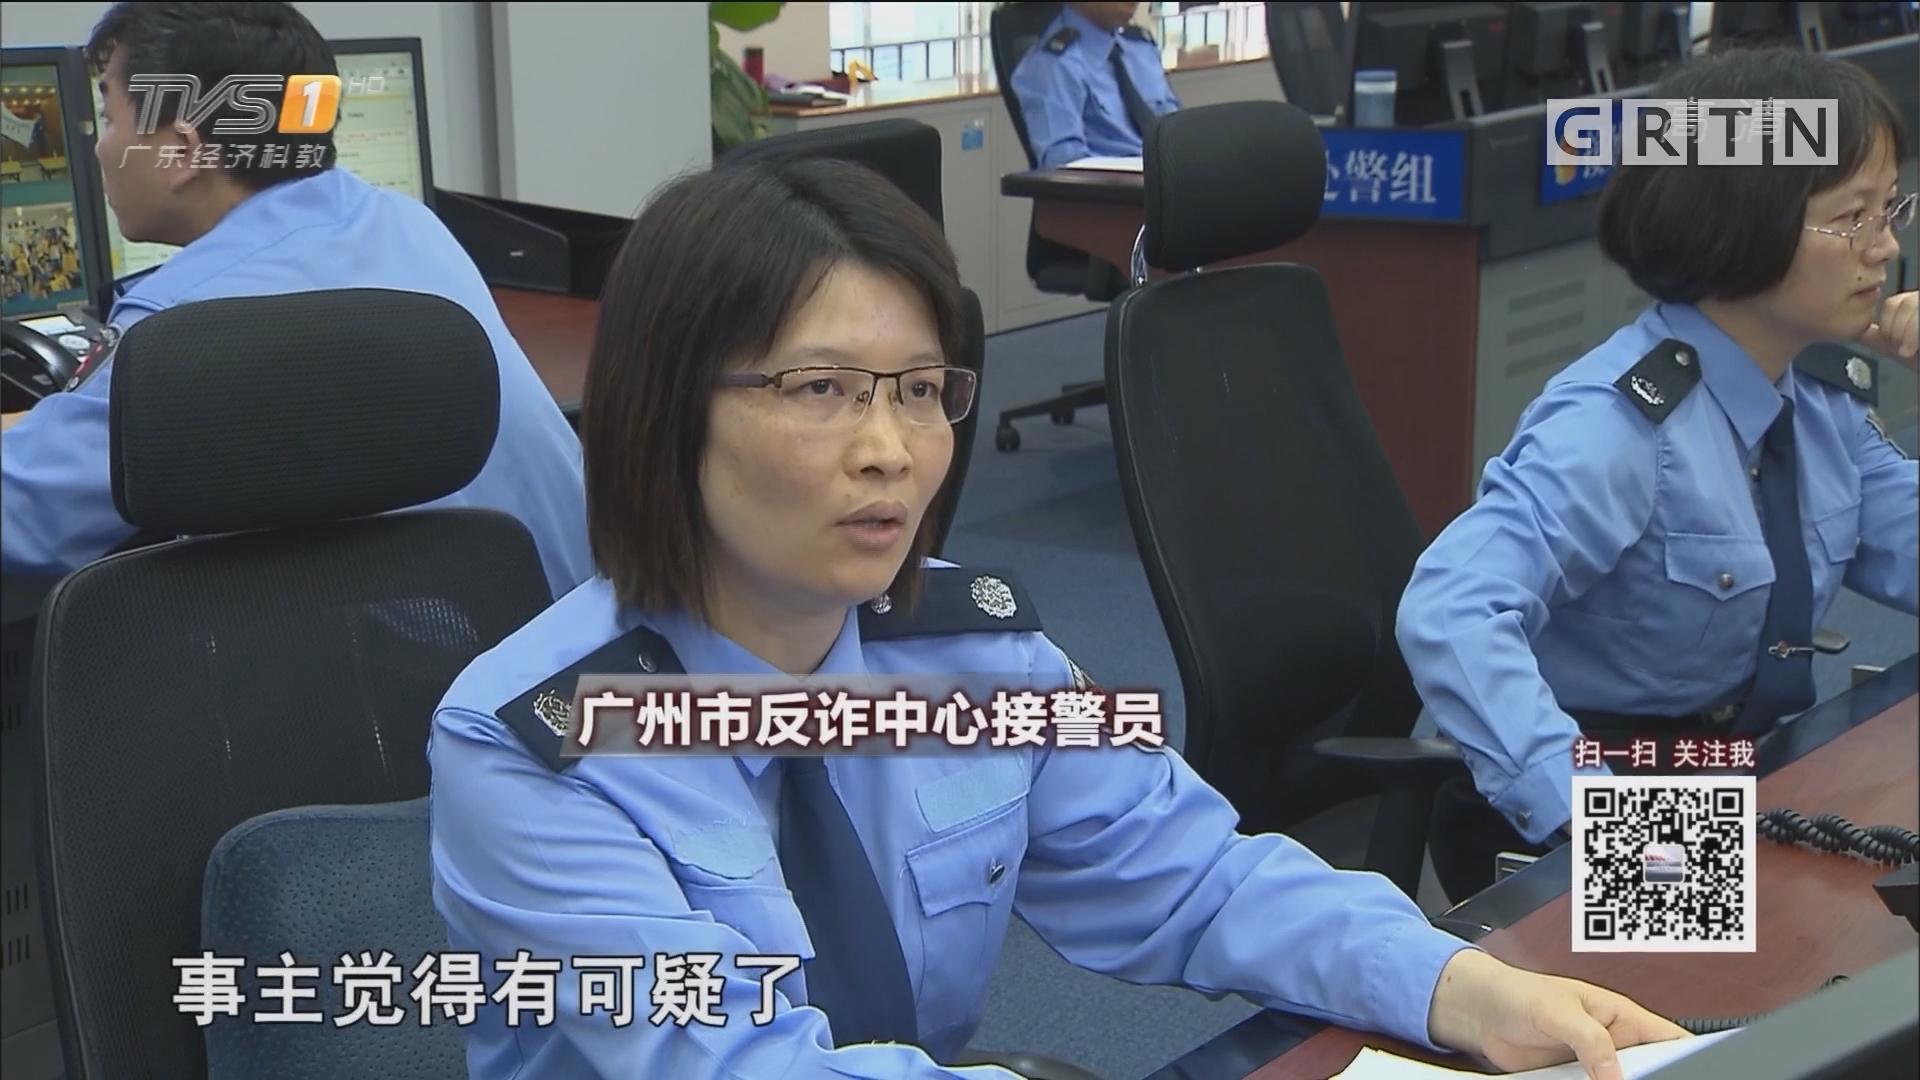 警方提醒:谨防打着广交会名义的诈骗